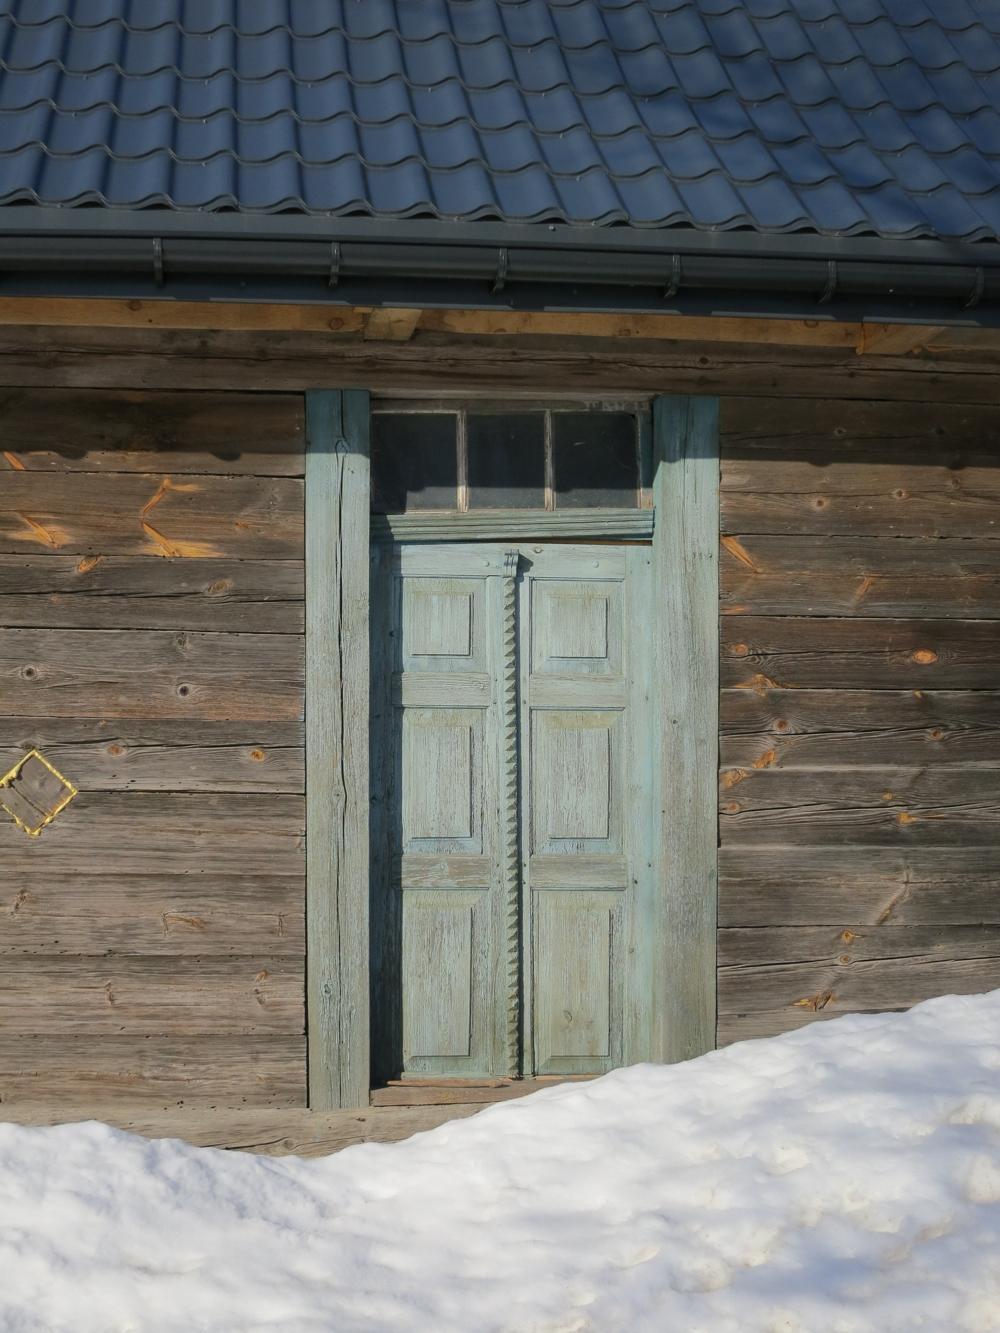 Detal drzwi w chacie w Harkawiczach, drzwi są seledynowe, przed drzwiami wielka czapa śniegu